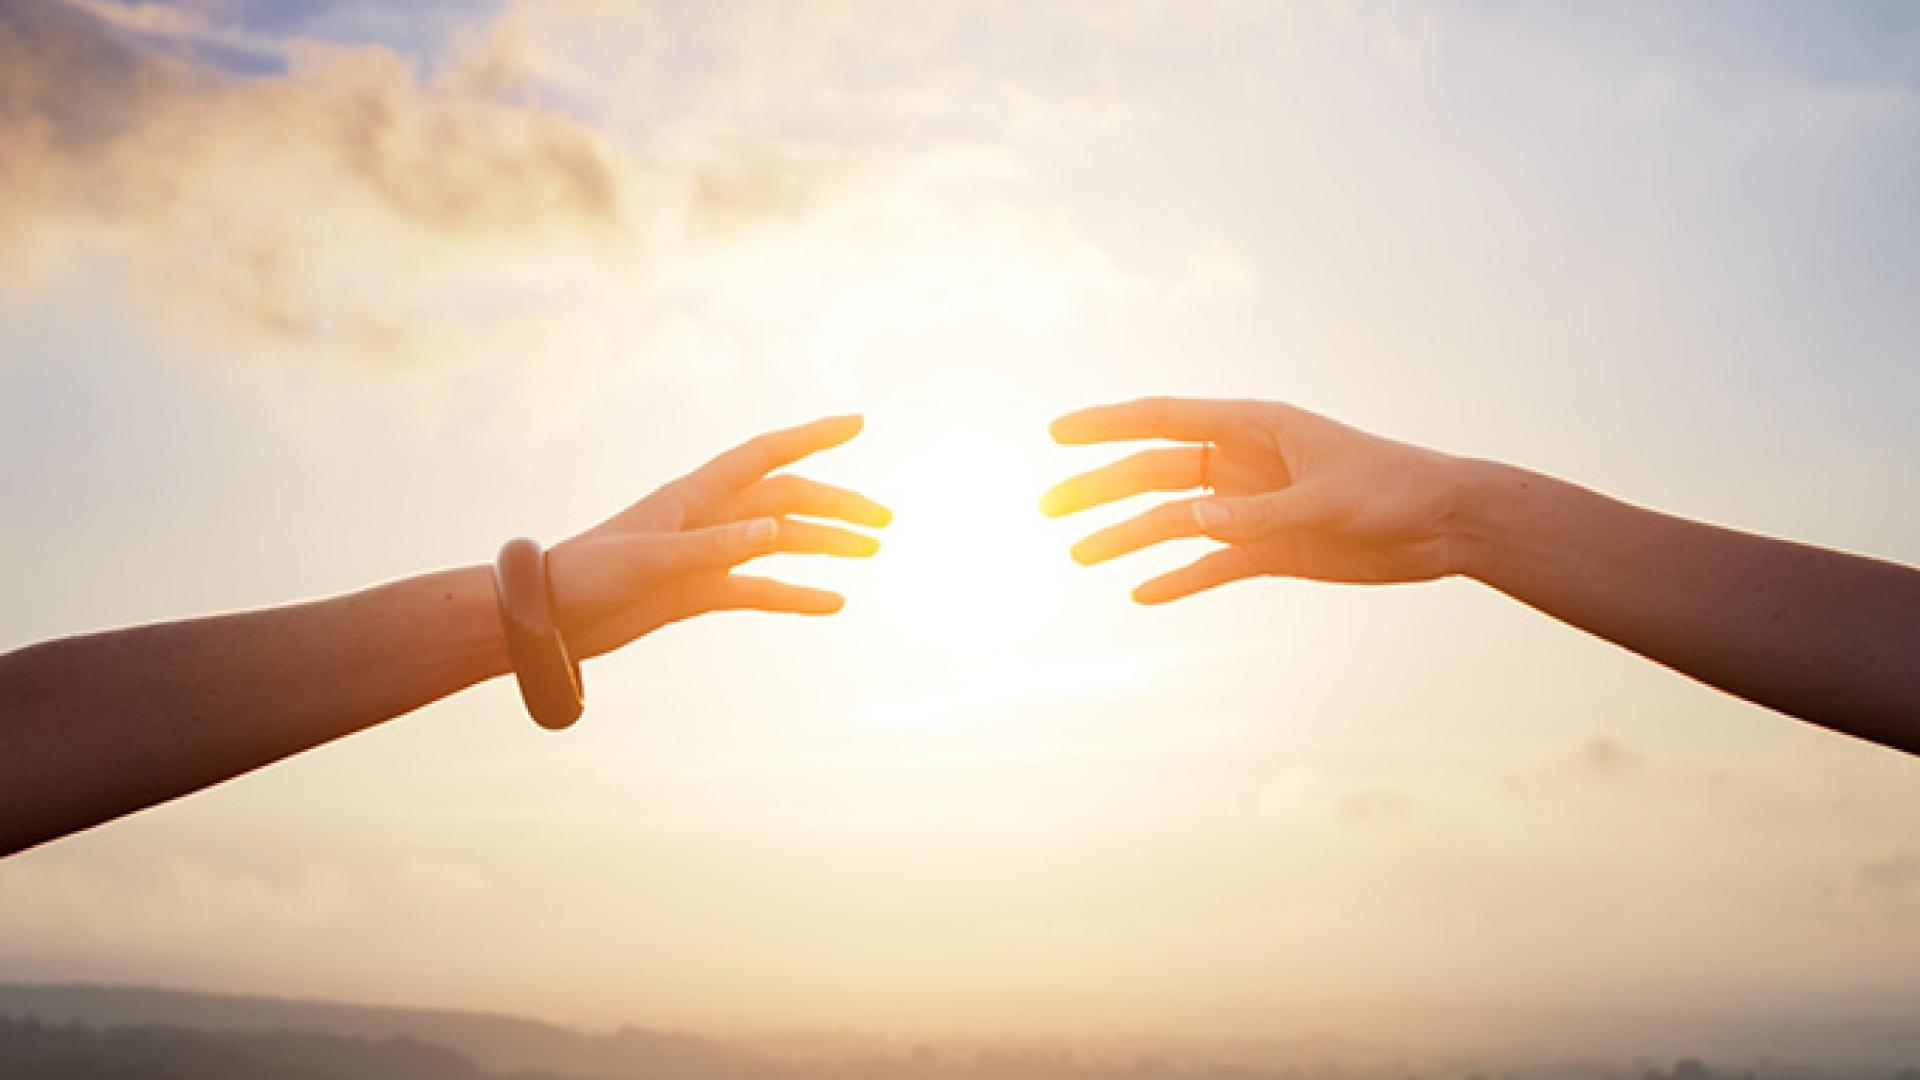 Днес е Световният ден на добротата и на слепите хора